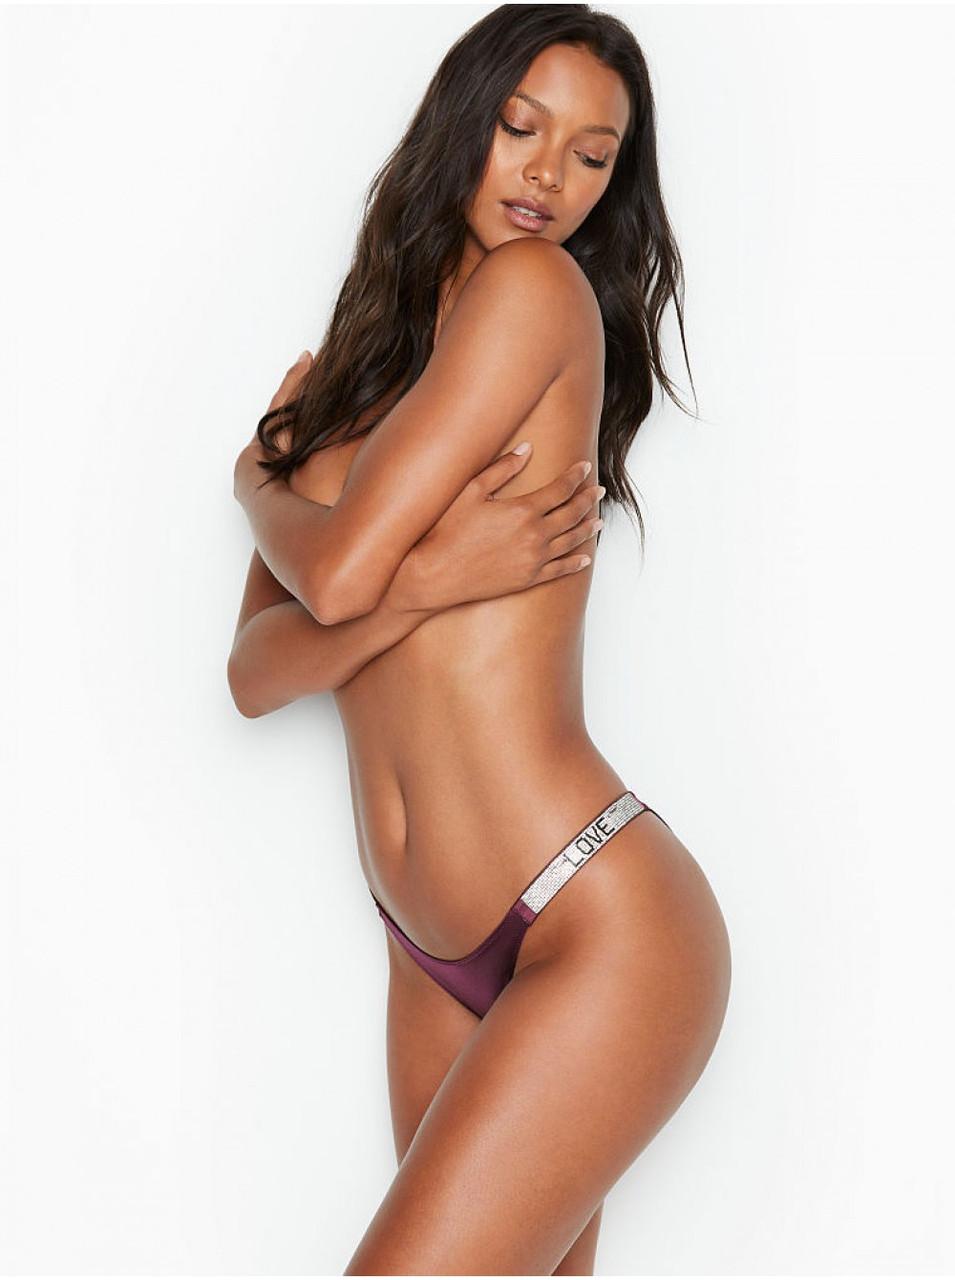 💋 Трусики зі стразами Victoria's Secret Love Shine Strap Brazilian Panty, Виноградні